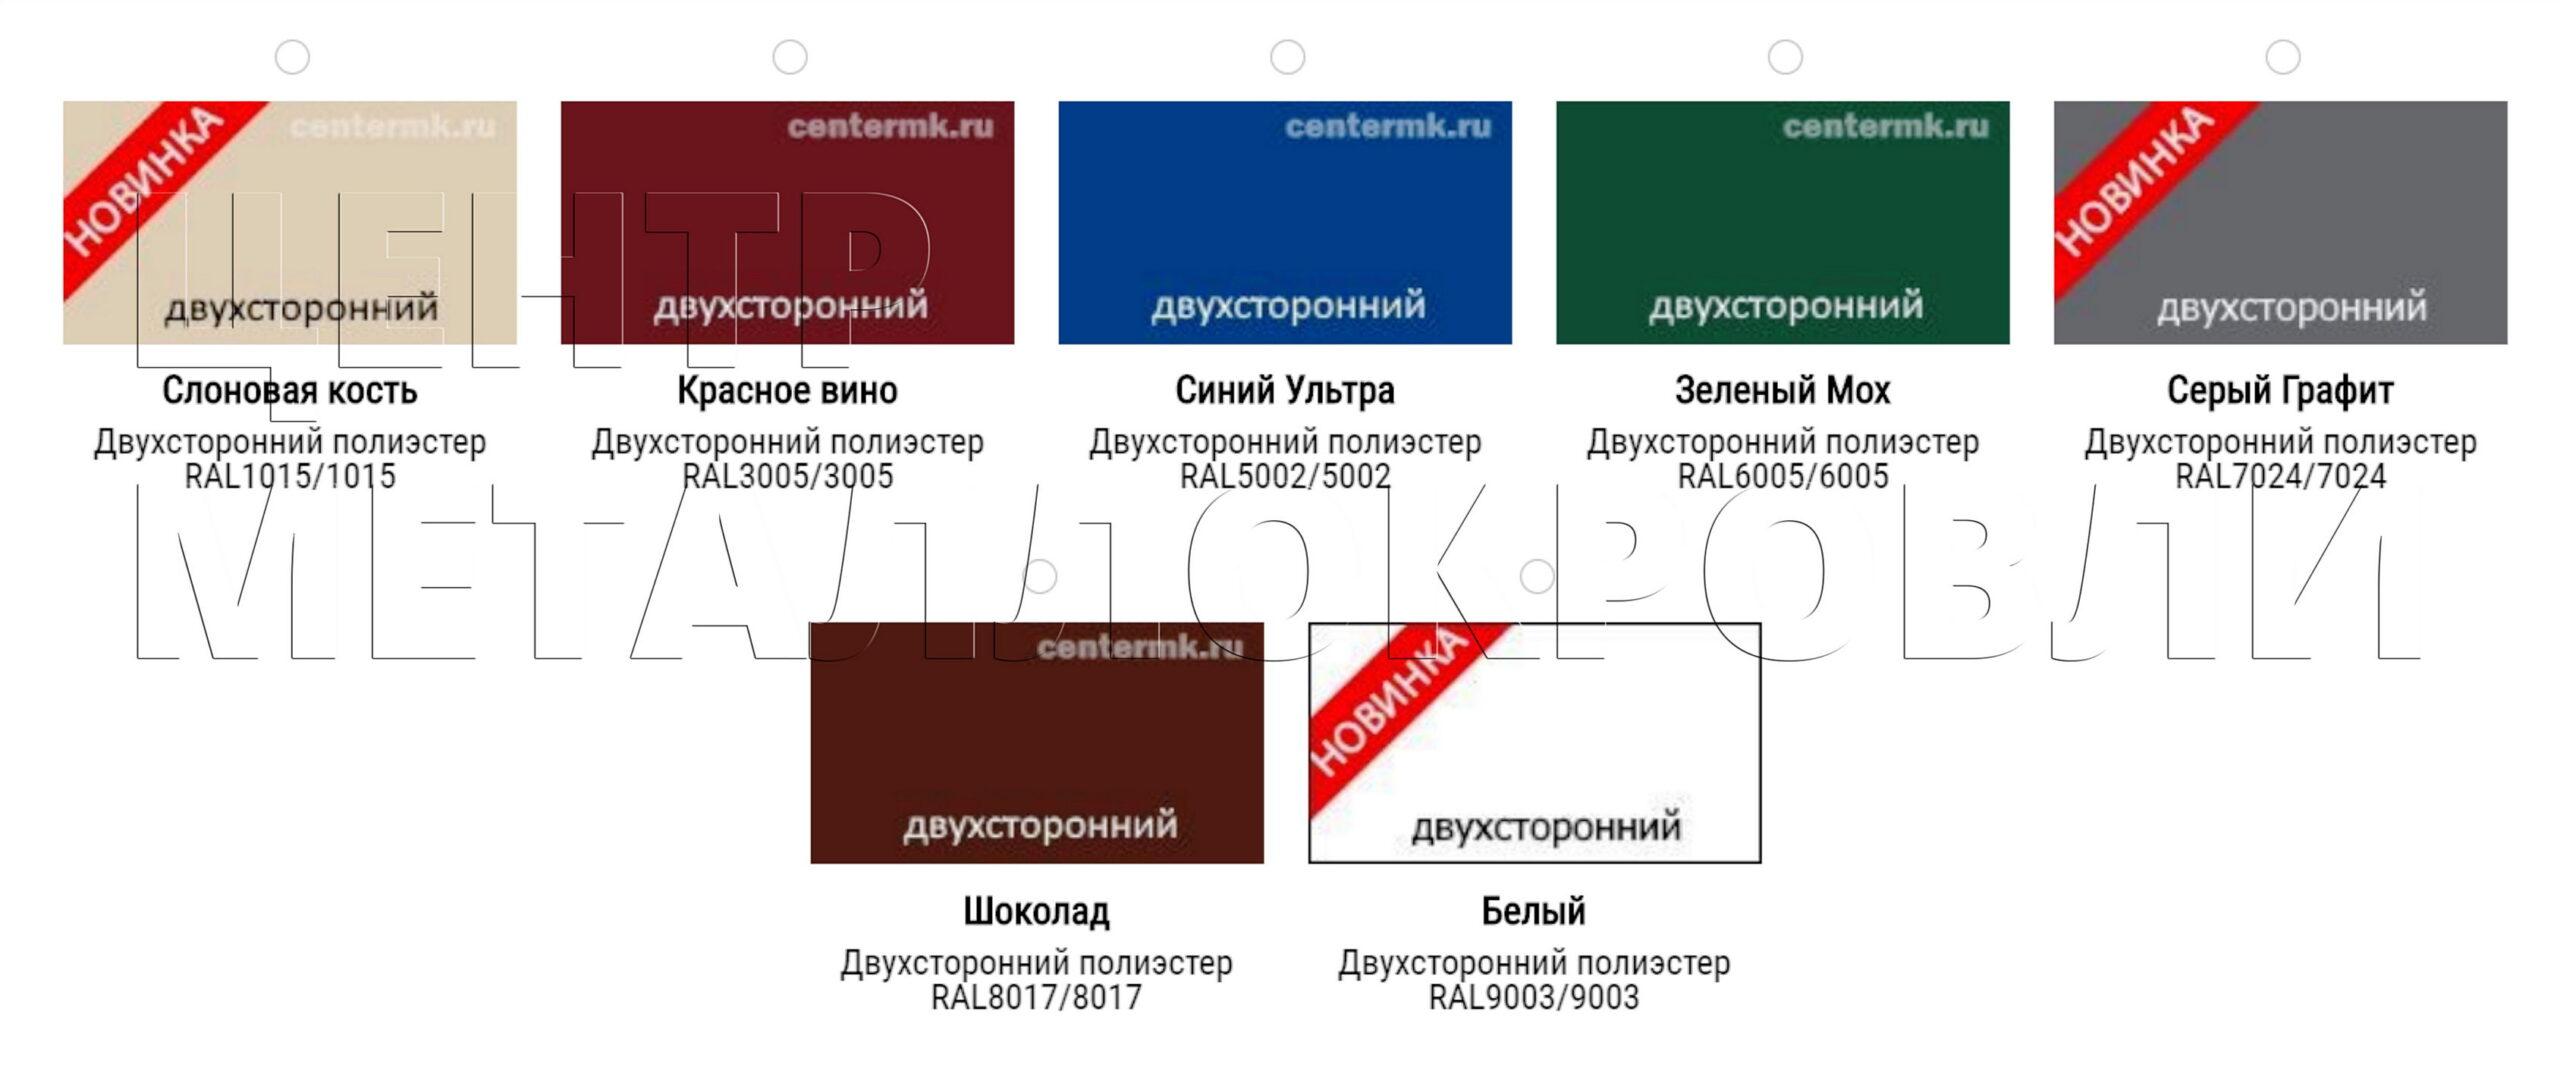 Еврожалюзи Евроштакетник покрытие одностороннее двустороннее полиэфирная эмаль грунт в цвет - 8-1